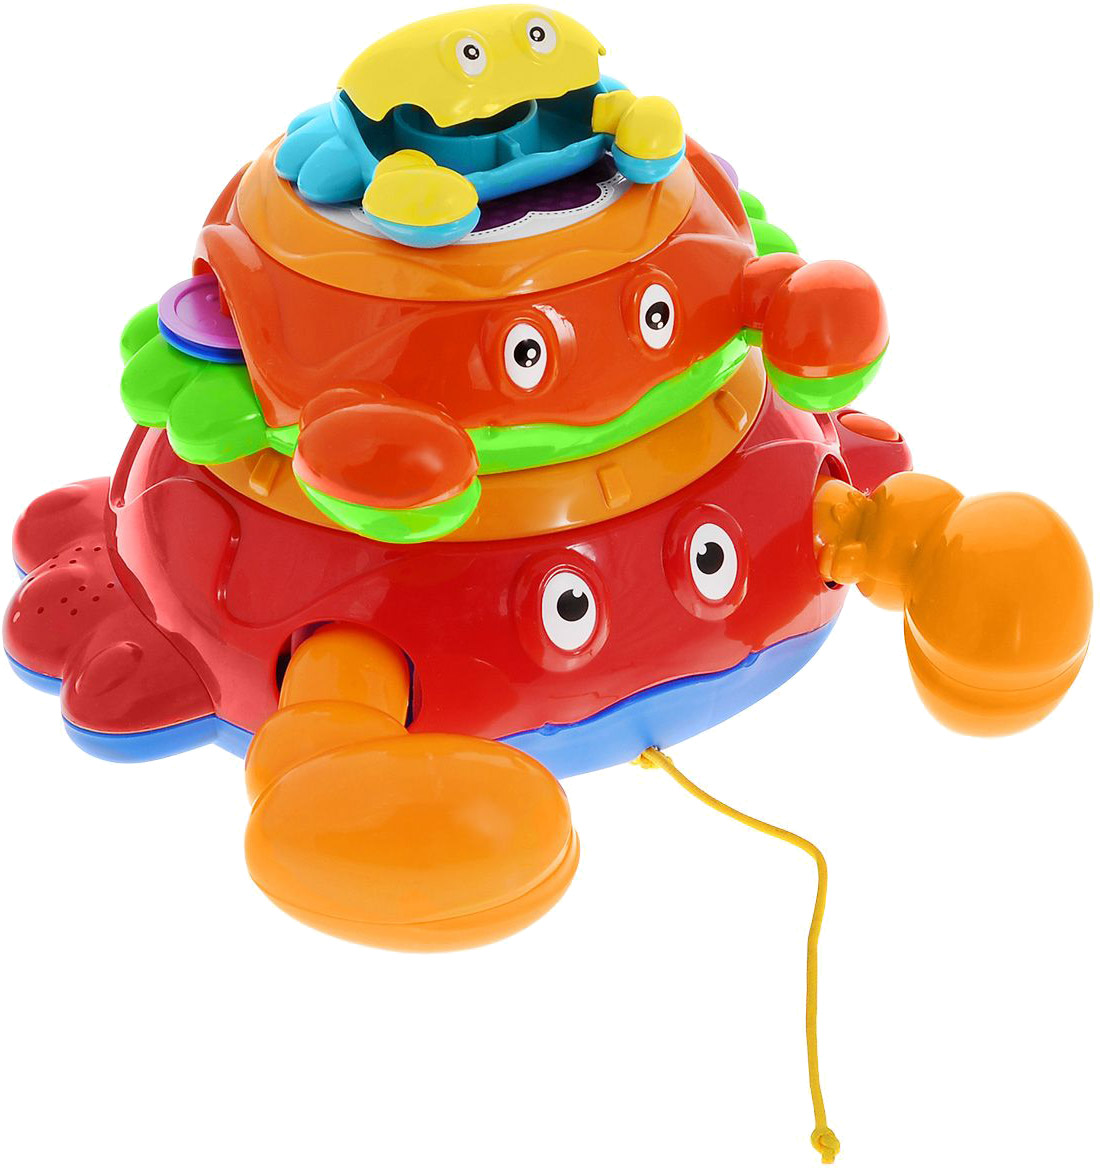 Купить Развивающие игрушки, Крабики, Малышарики, Китай, многоцветный